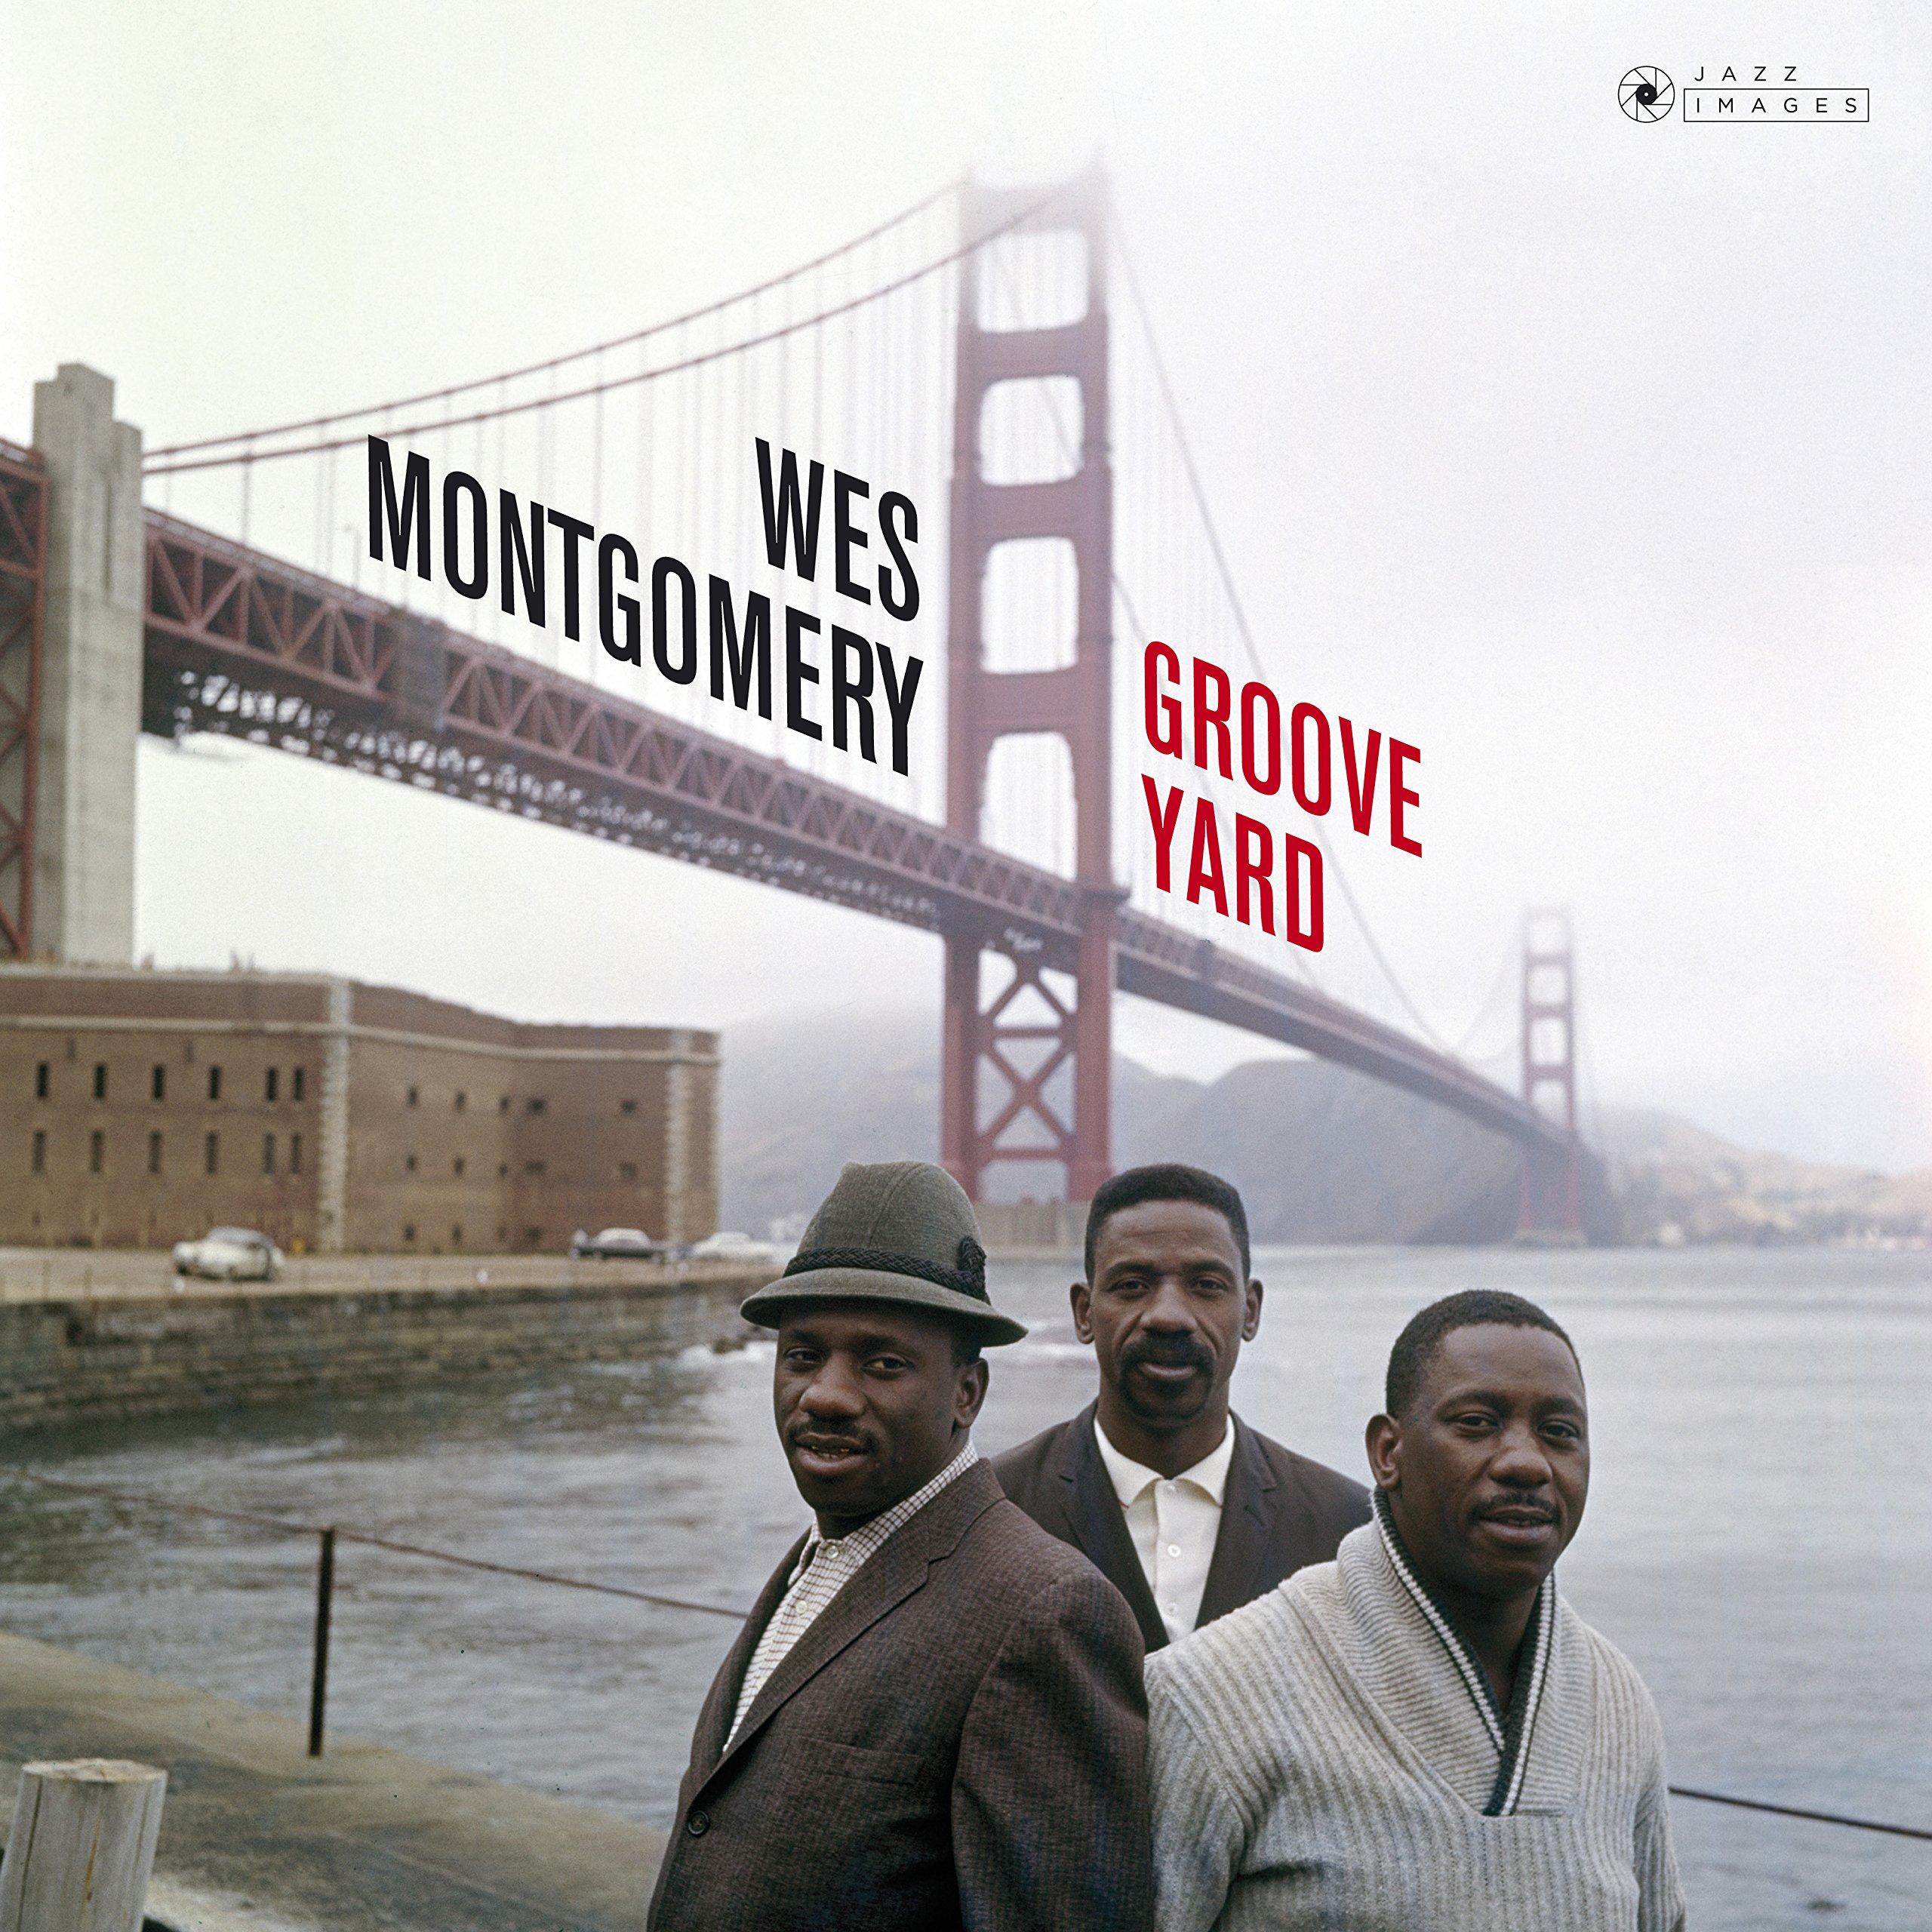 Vinilo : Wes Montgomery - Groove Yard (180 Gram Vinyl, Gatefold LP Jacket, Virgin Vinyl, Spain - Import)